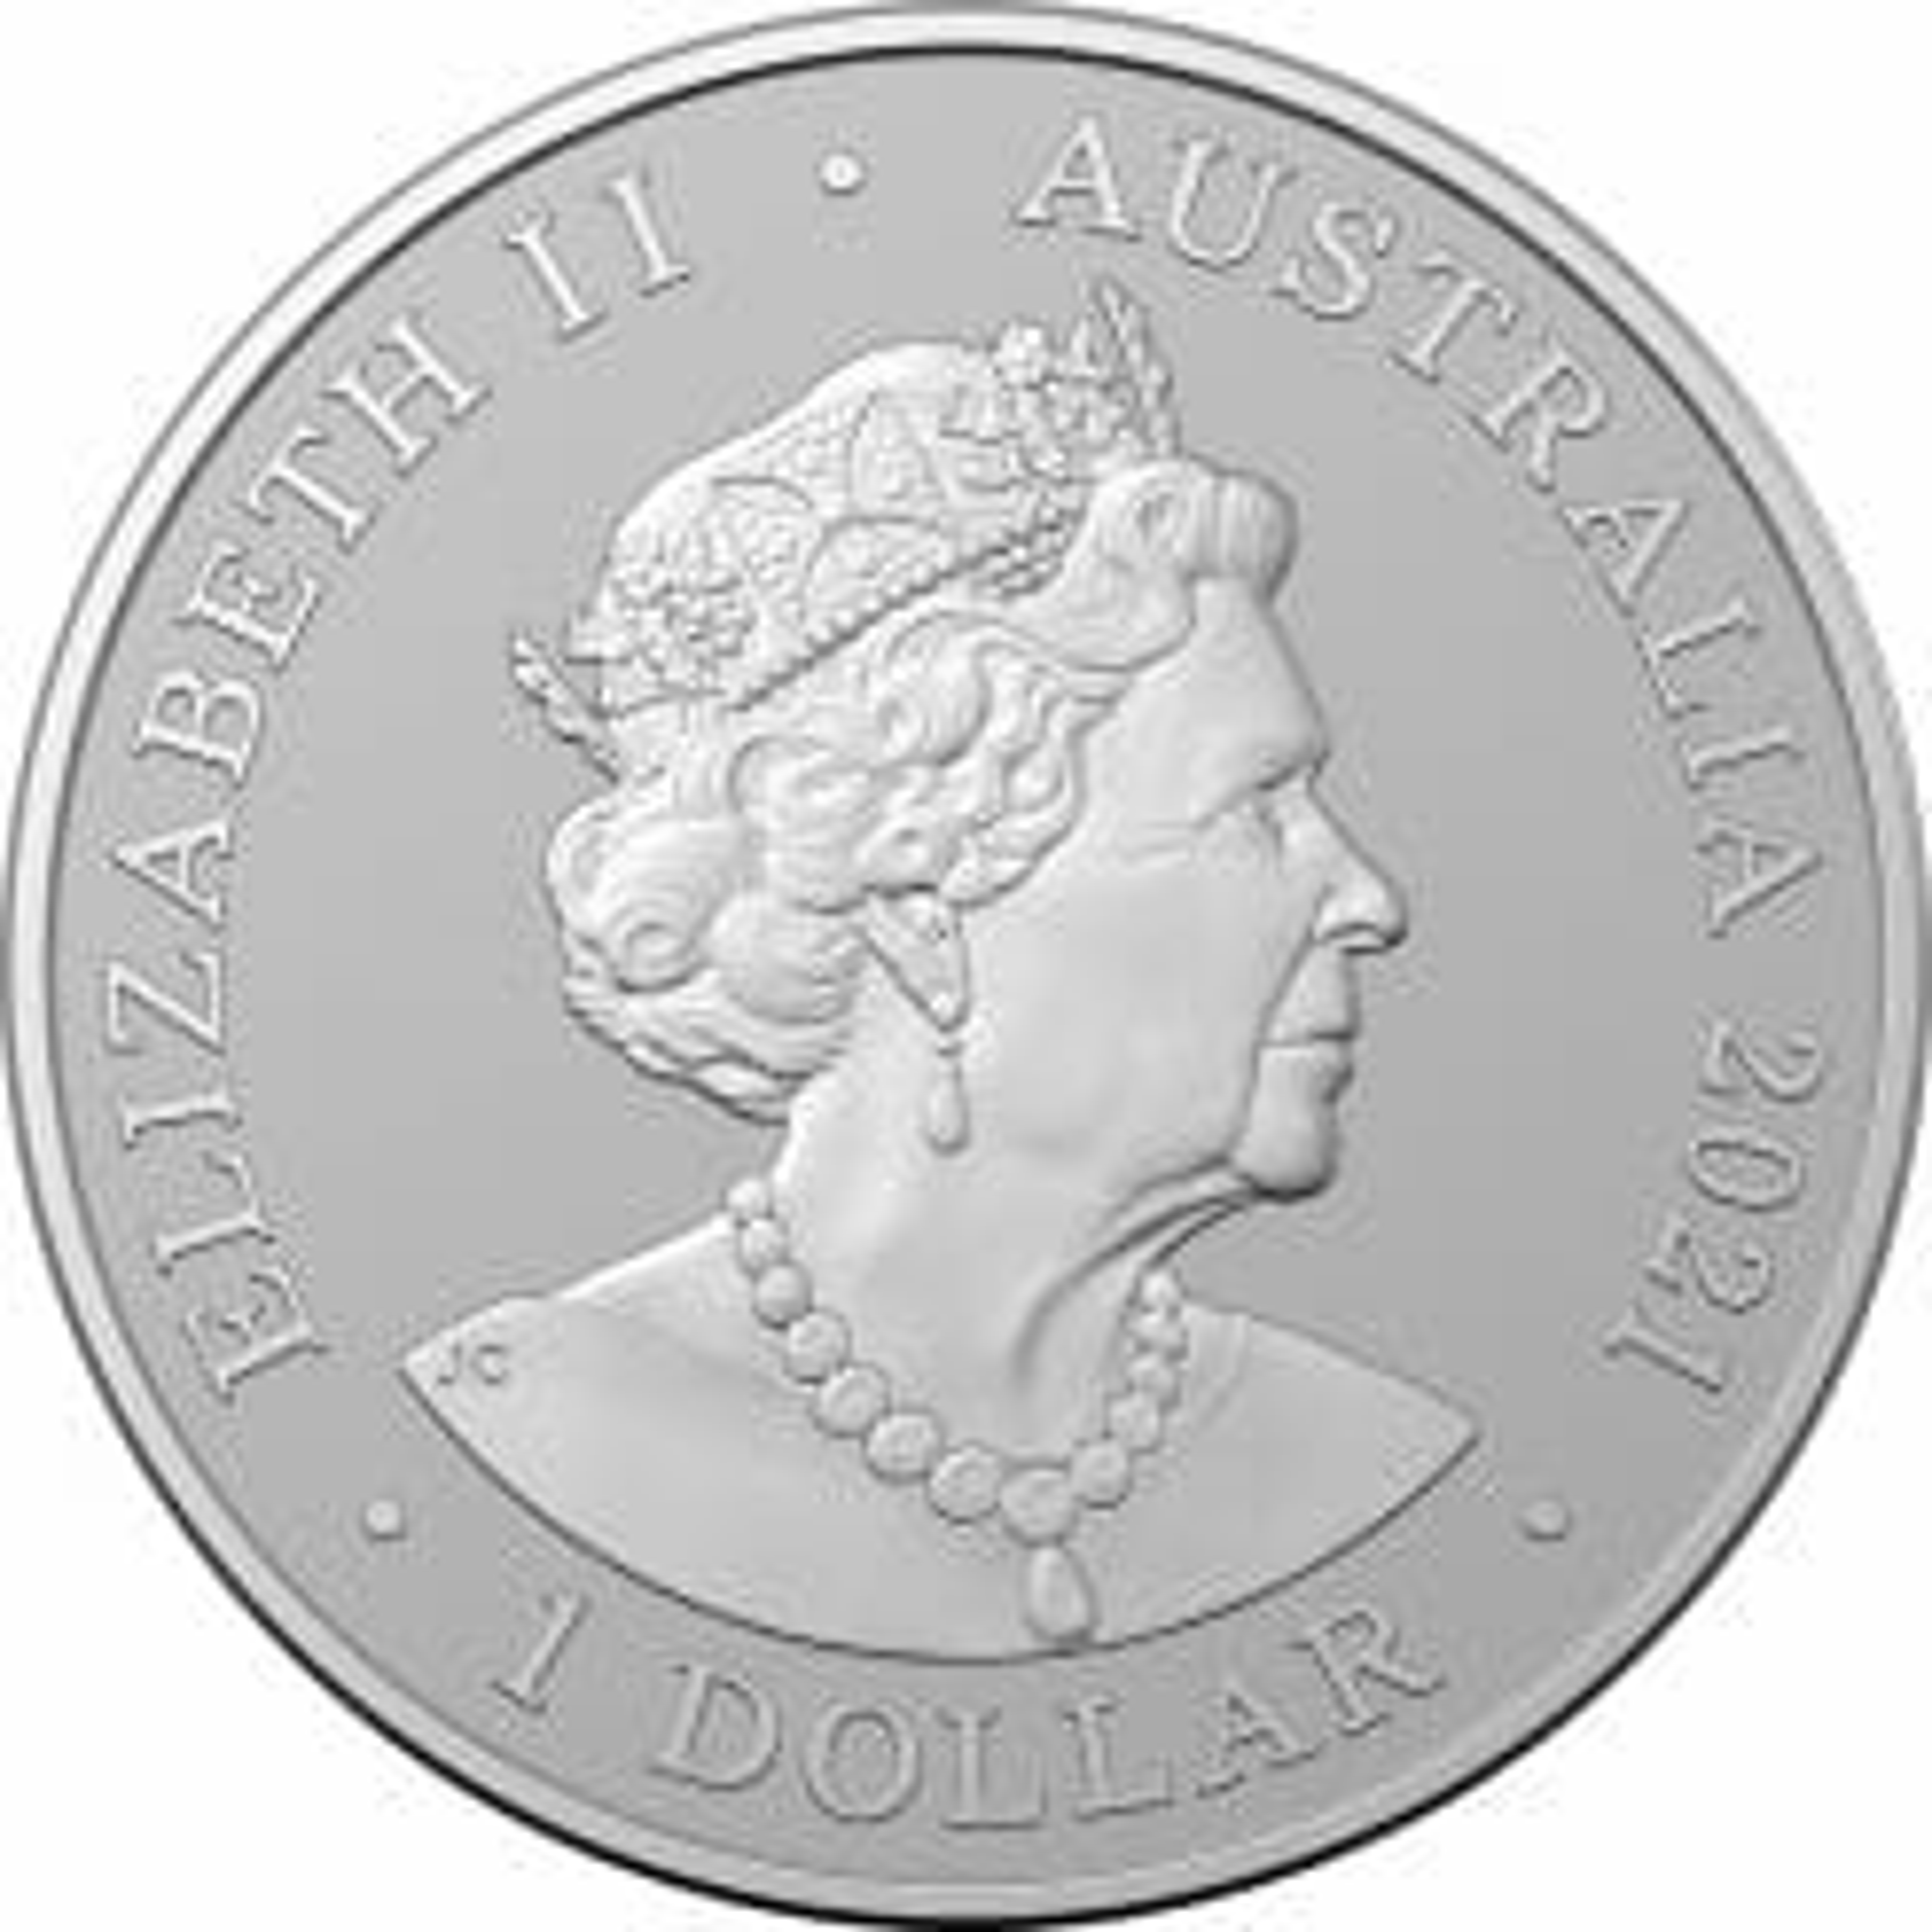 2021 $1 Australian Dolphin Series - Fraser's Dolphin 1oz .999 Silver Bullion Coin 3